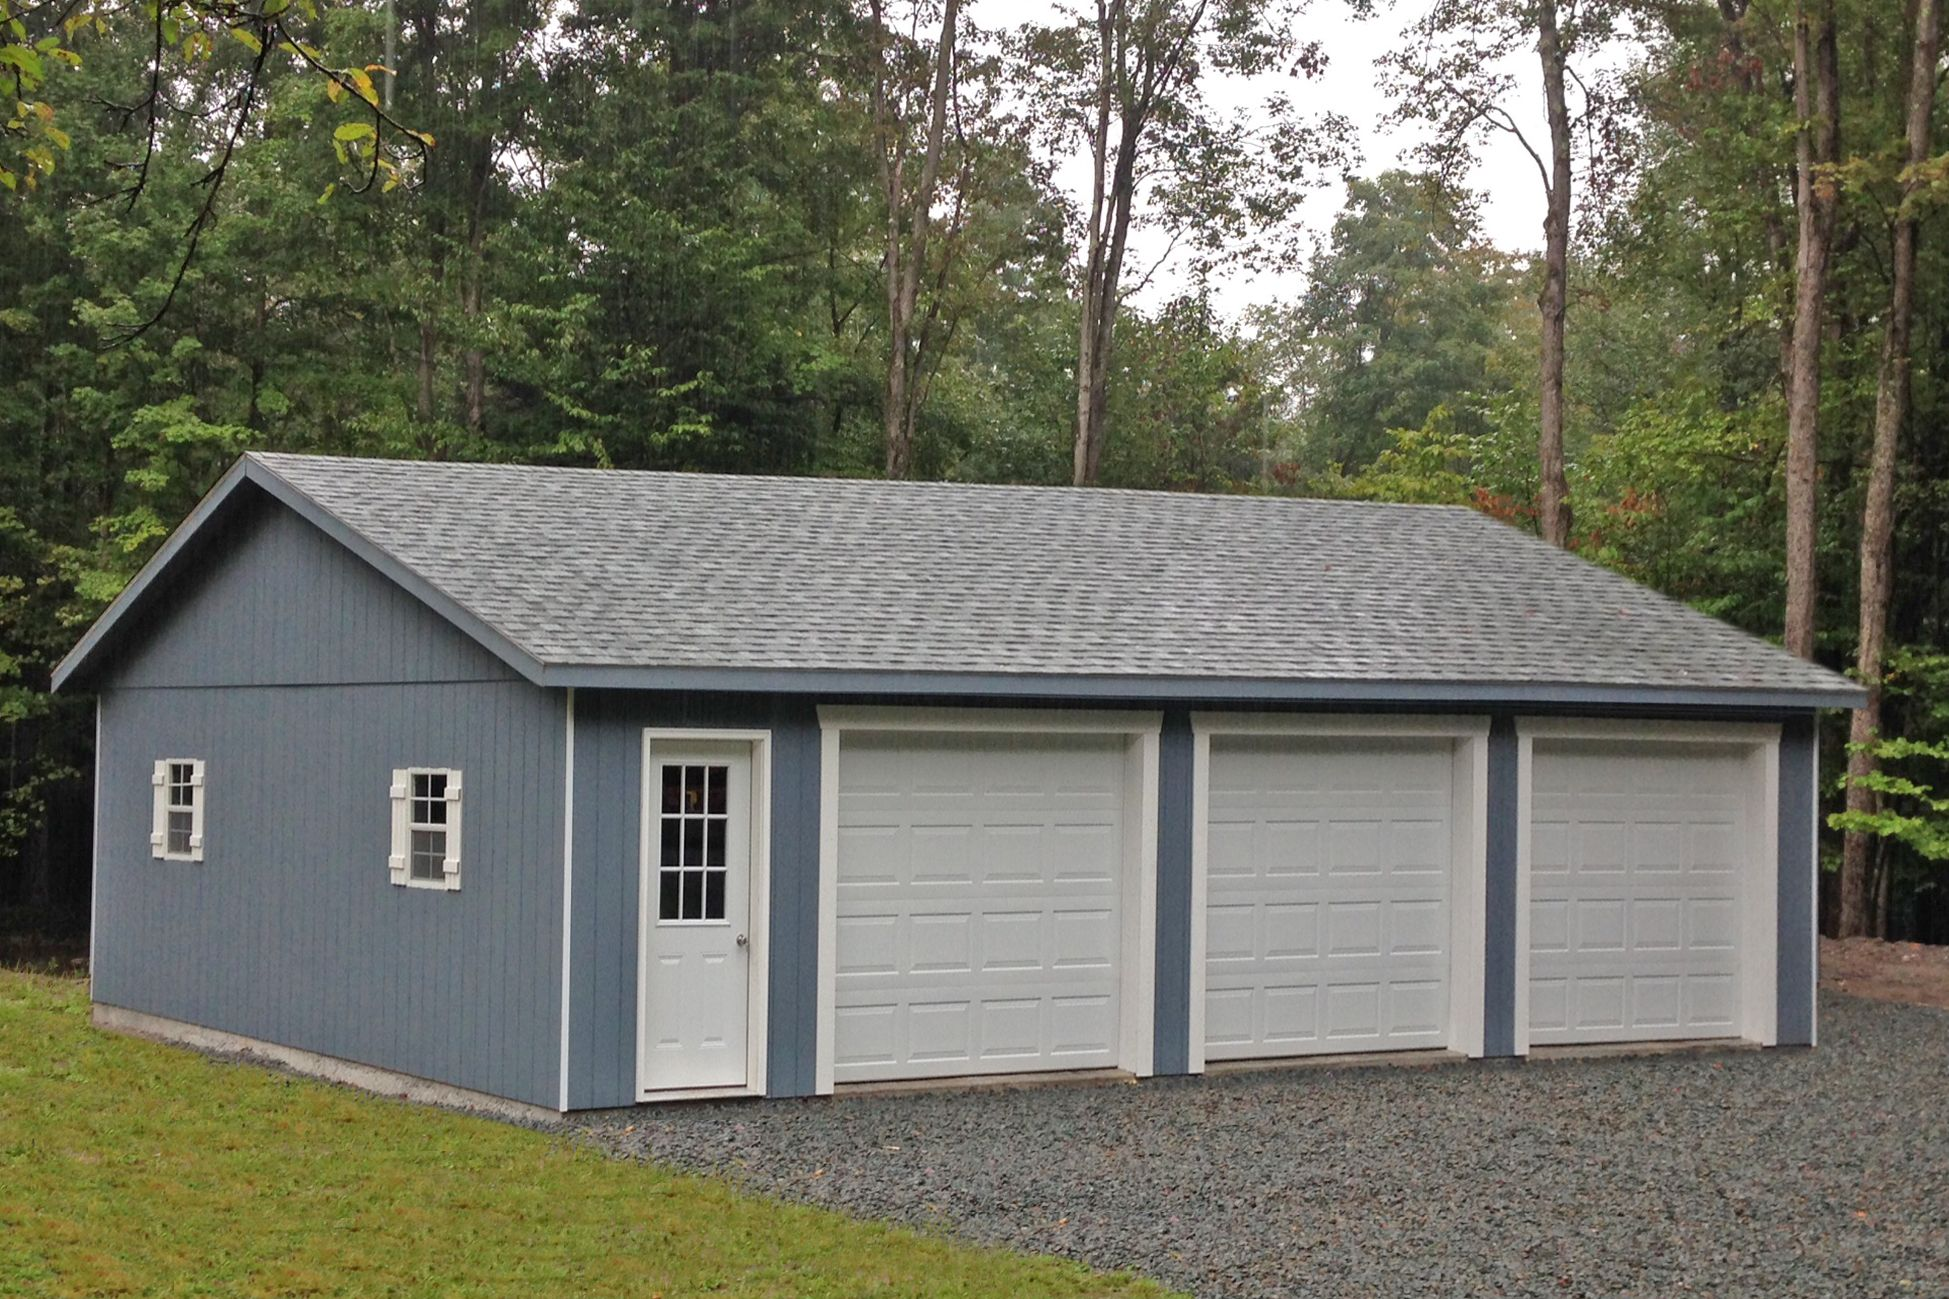 Standard Three Car Garages Garage Prices Barn Garage Plans Garage Builders